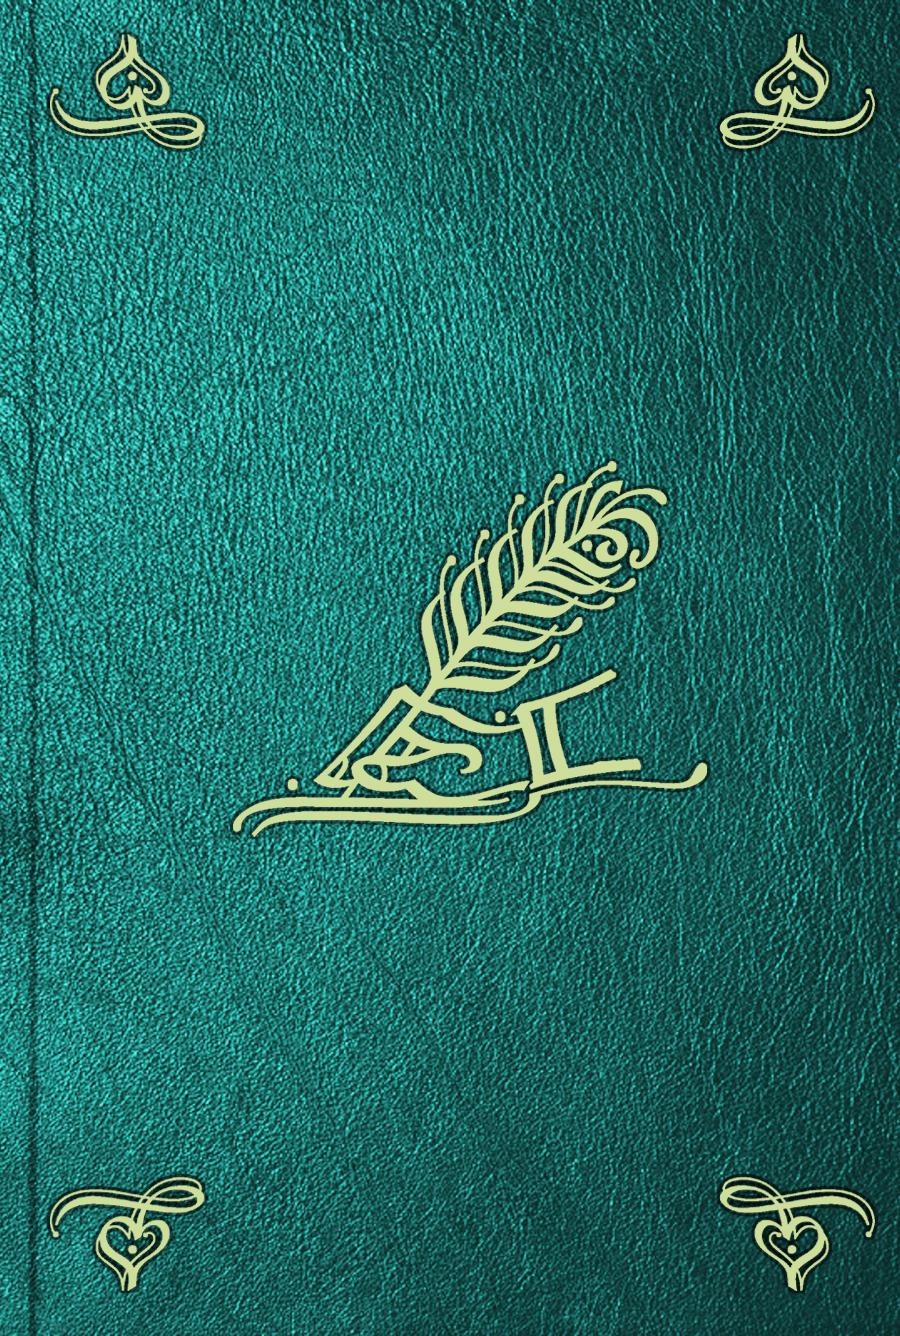 Jerzi Samuel Bandtkie Dzieje Krolestwa Polskiego. T. 2 dooley j the blue scarab activity book